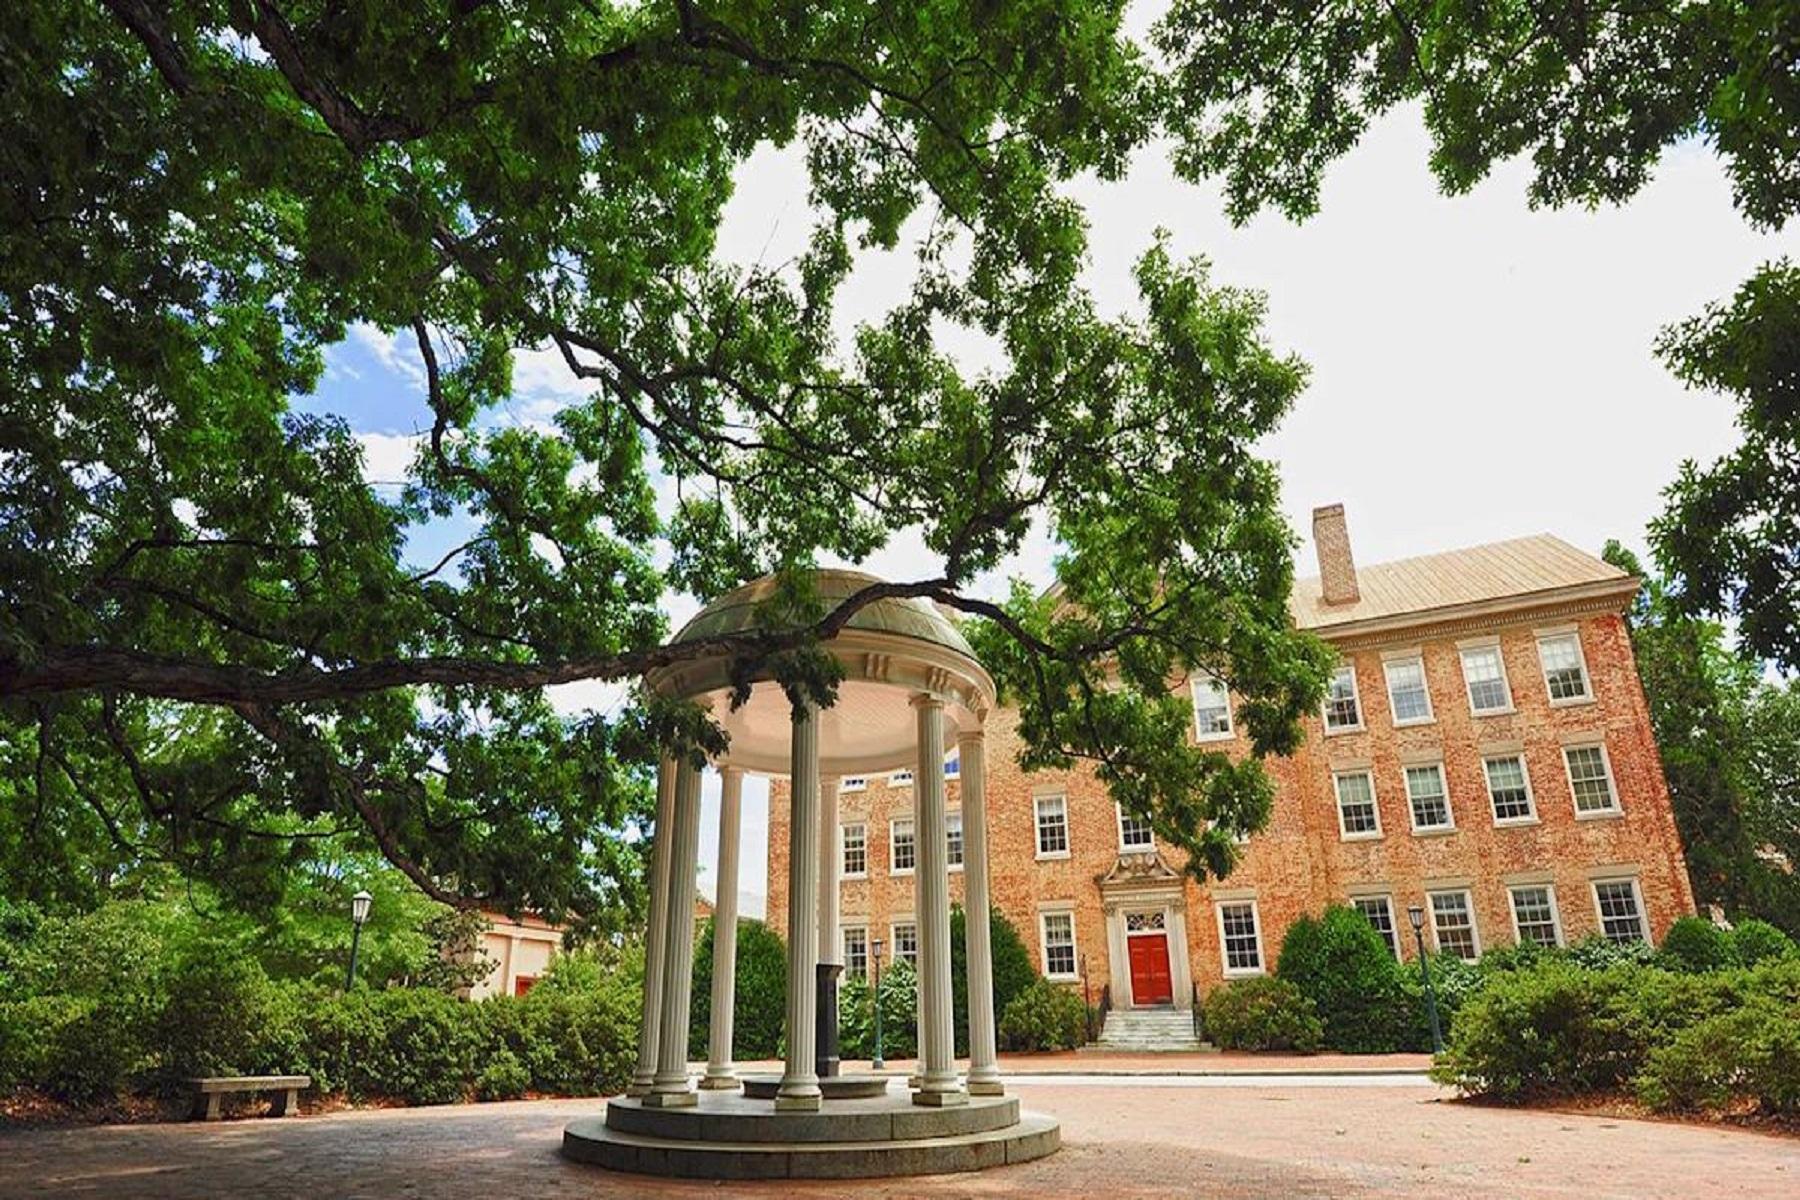 Πανεπιστήμιο Β. Καρολίνα Chapel Hill: Ακυρώνει τα μαθήματα εν μέσω φόβων αυτοκτονίας, κρίσης ψυχικής υγείας